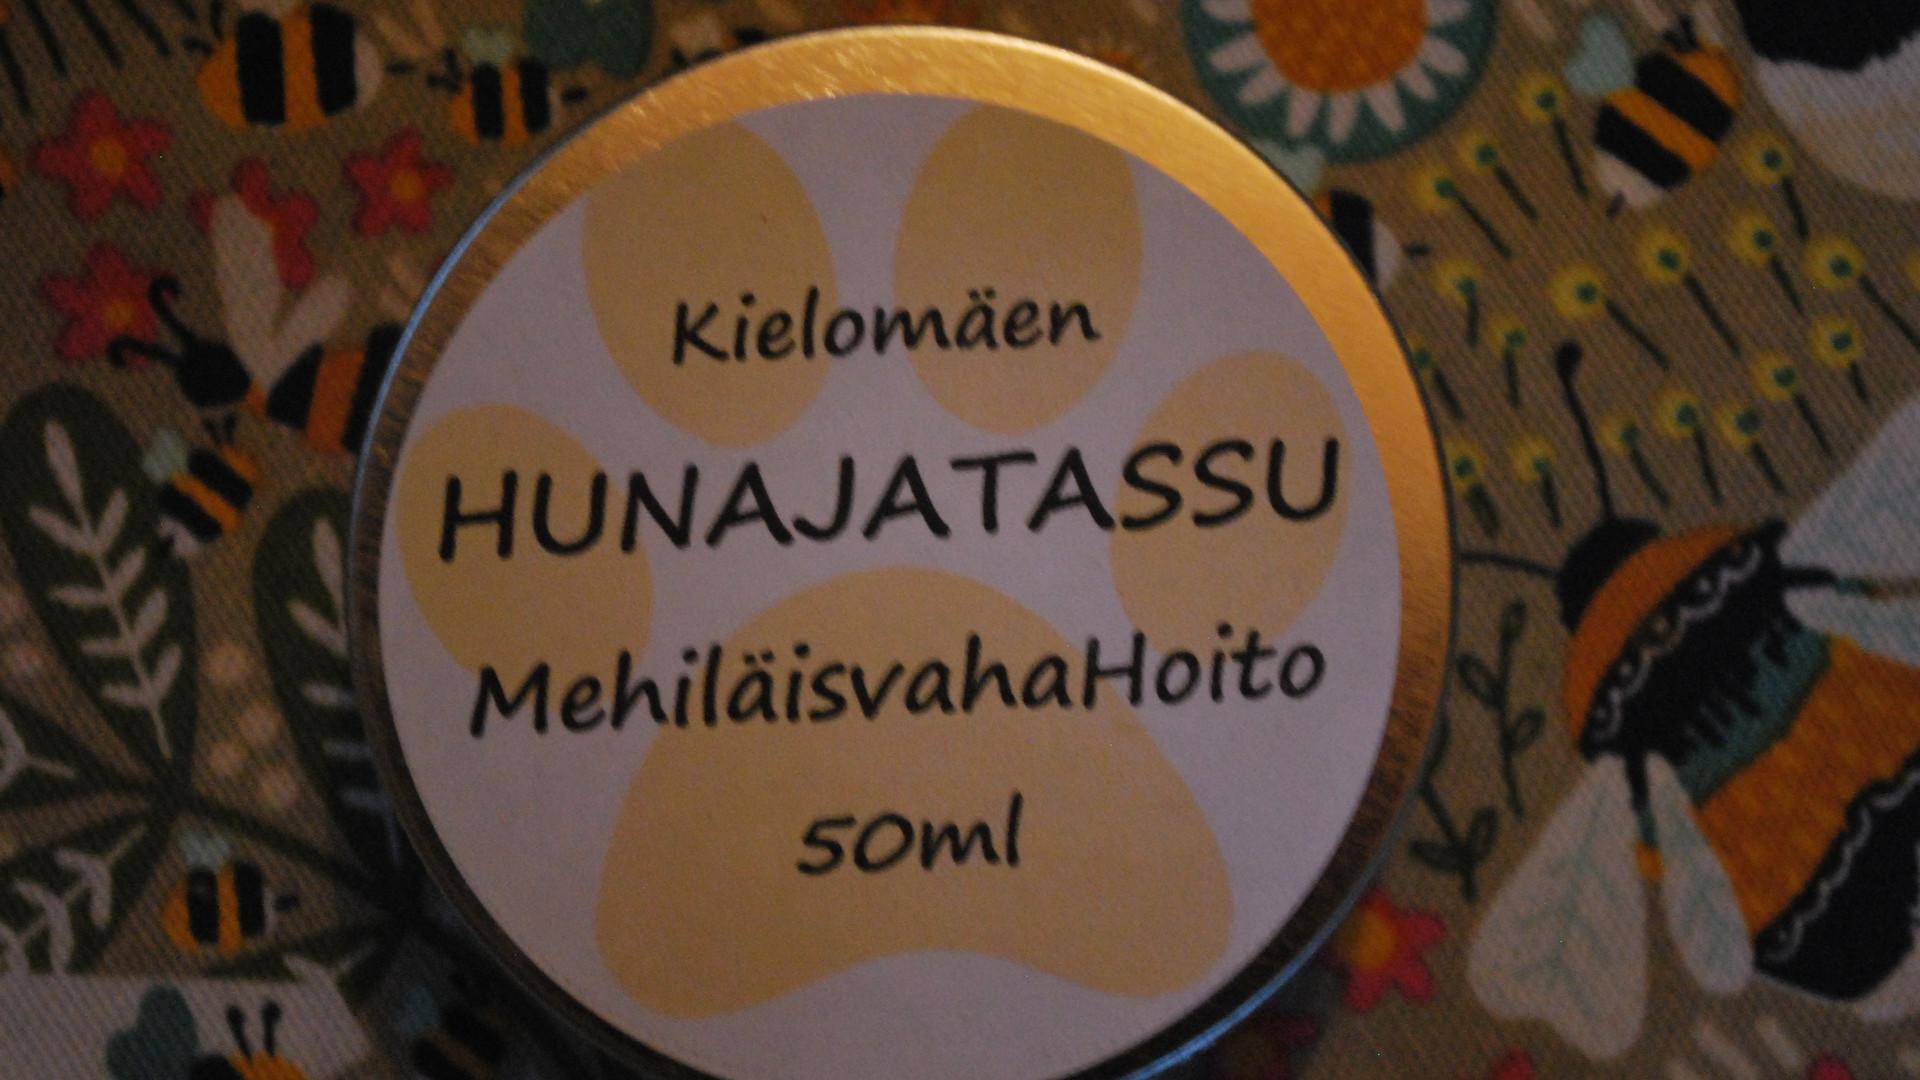 Kielomäki_hunajatassu.JPG